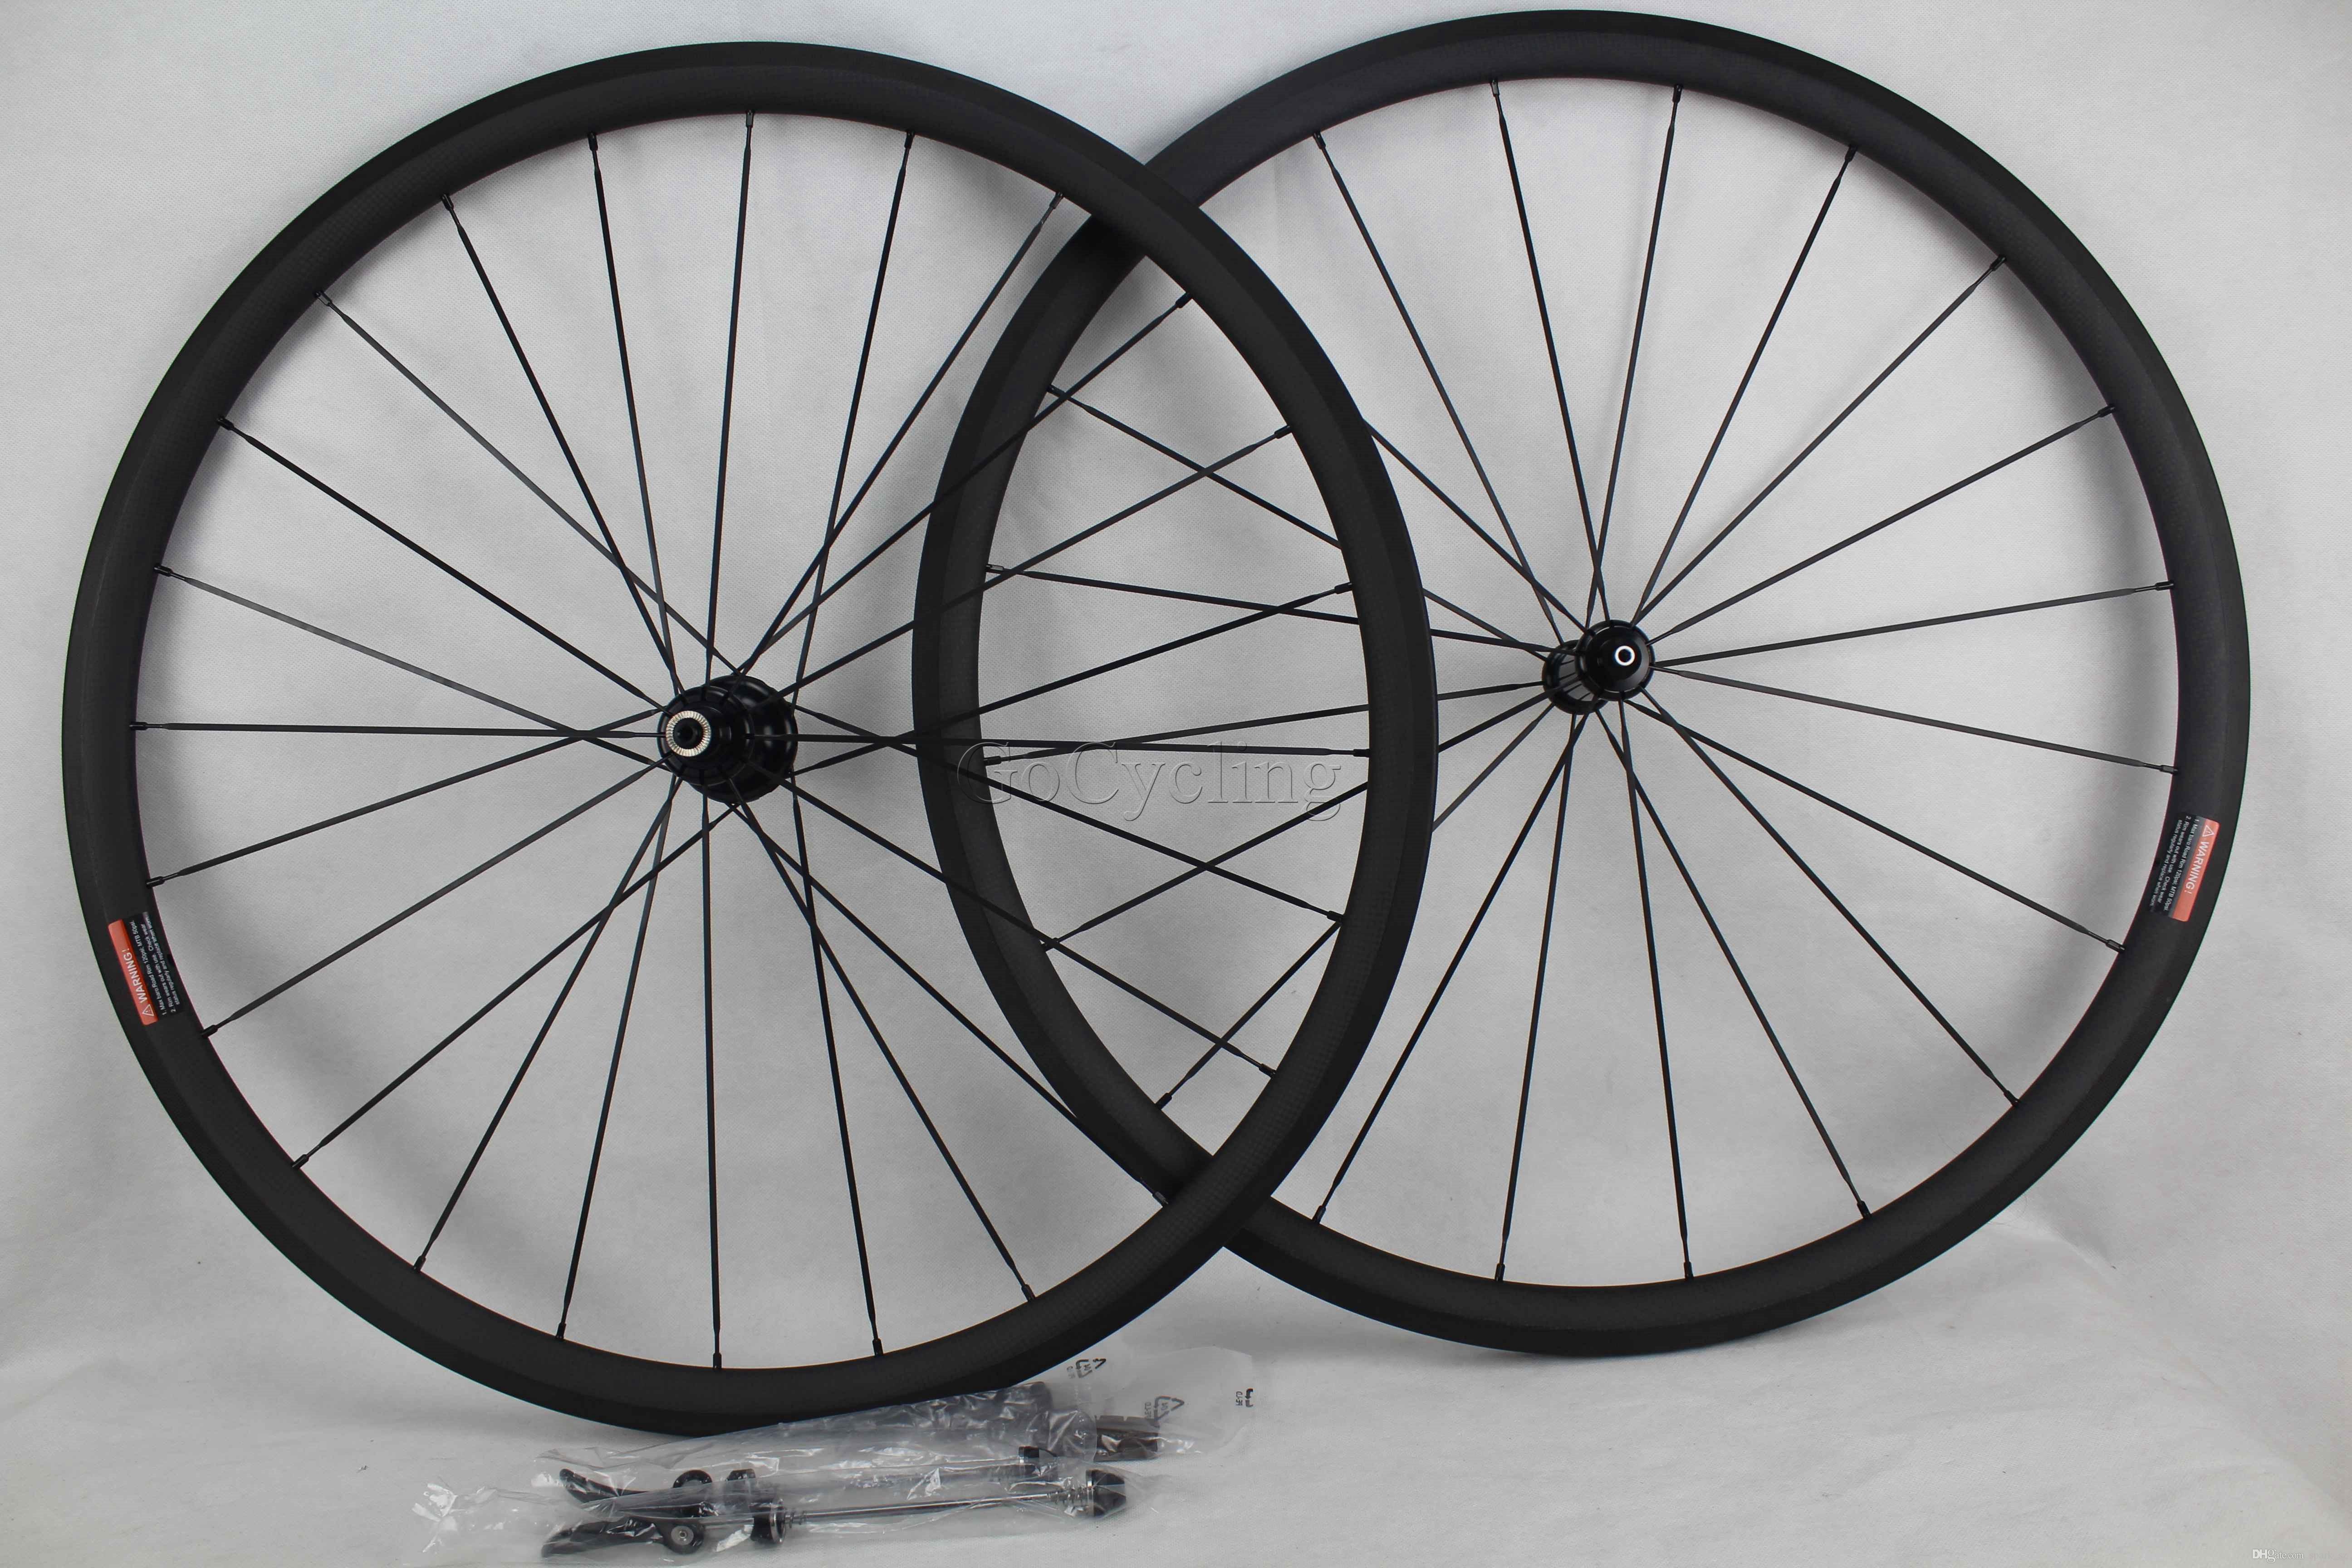 탄소 자전거로드 휠 림 깊이 30mm 너비 25mm clincher 관형 도로 자전거 wheelsets 현무암 제동 표면 powerway r36 탄소 허브